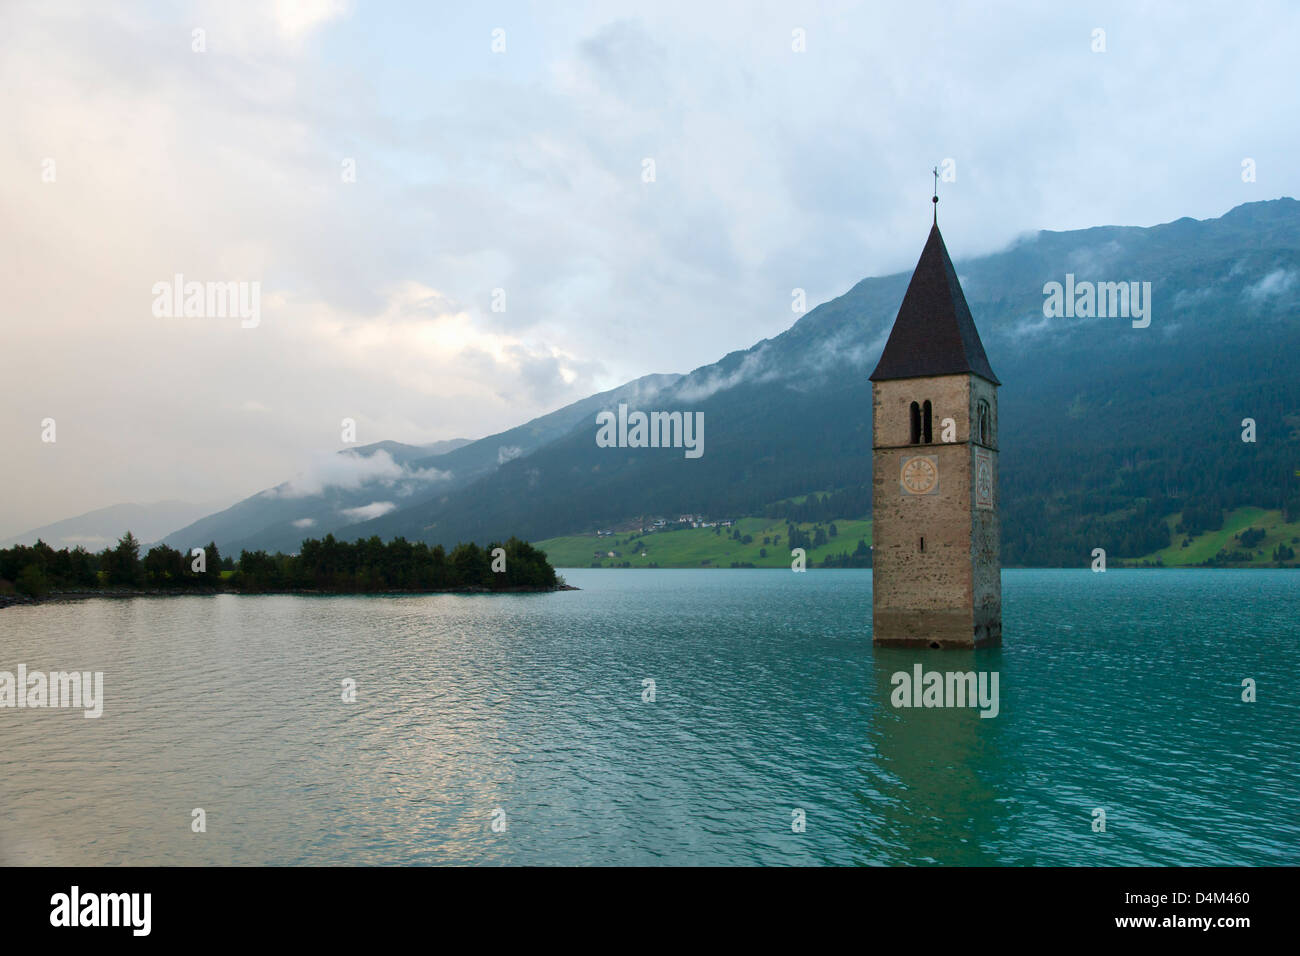 Clock tower submerged in rural lake - Stock Image